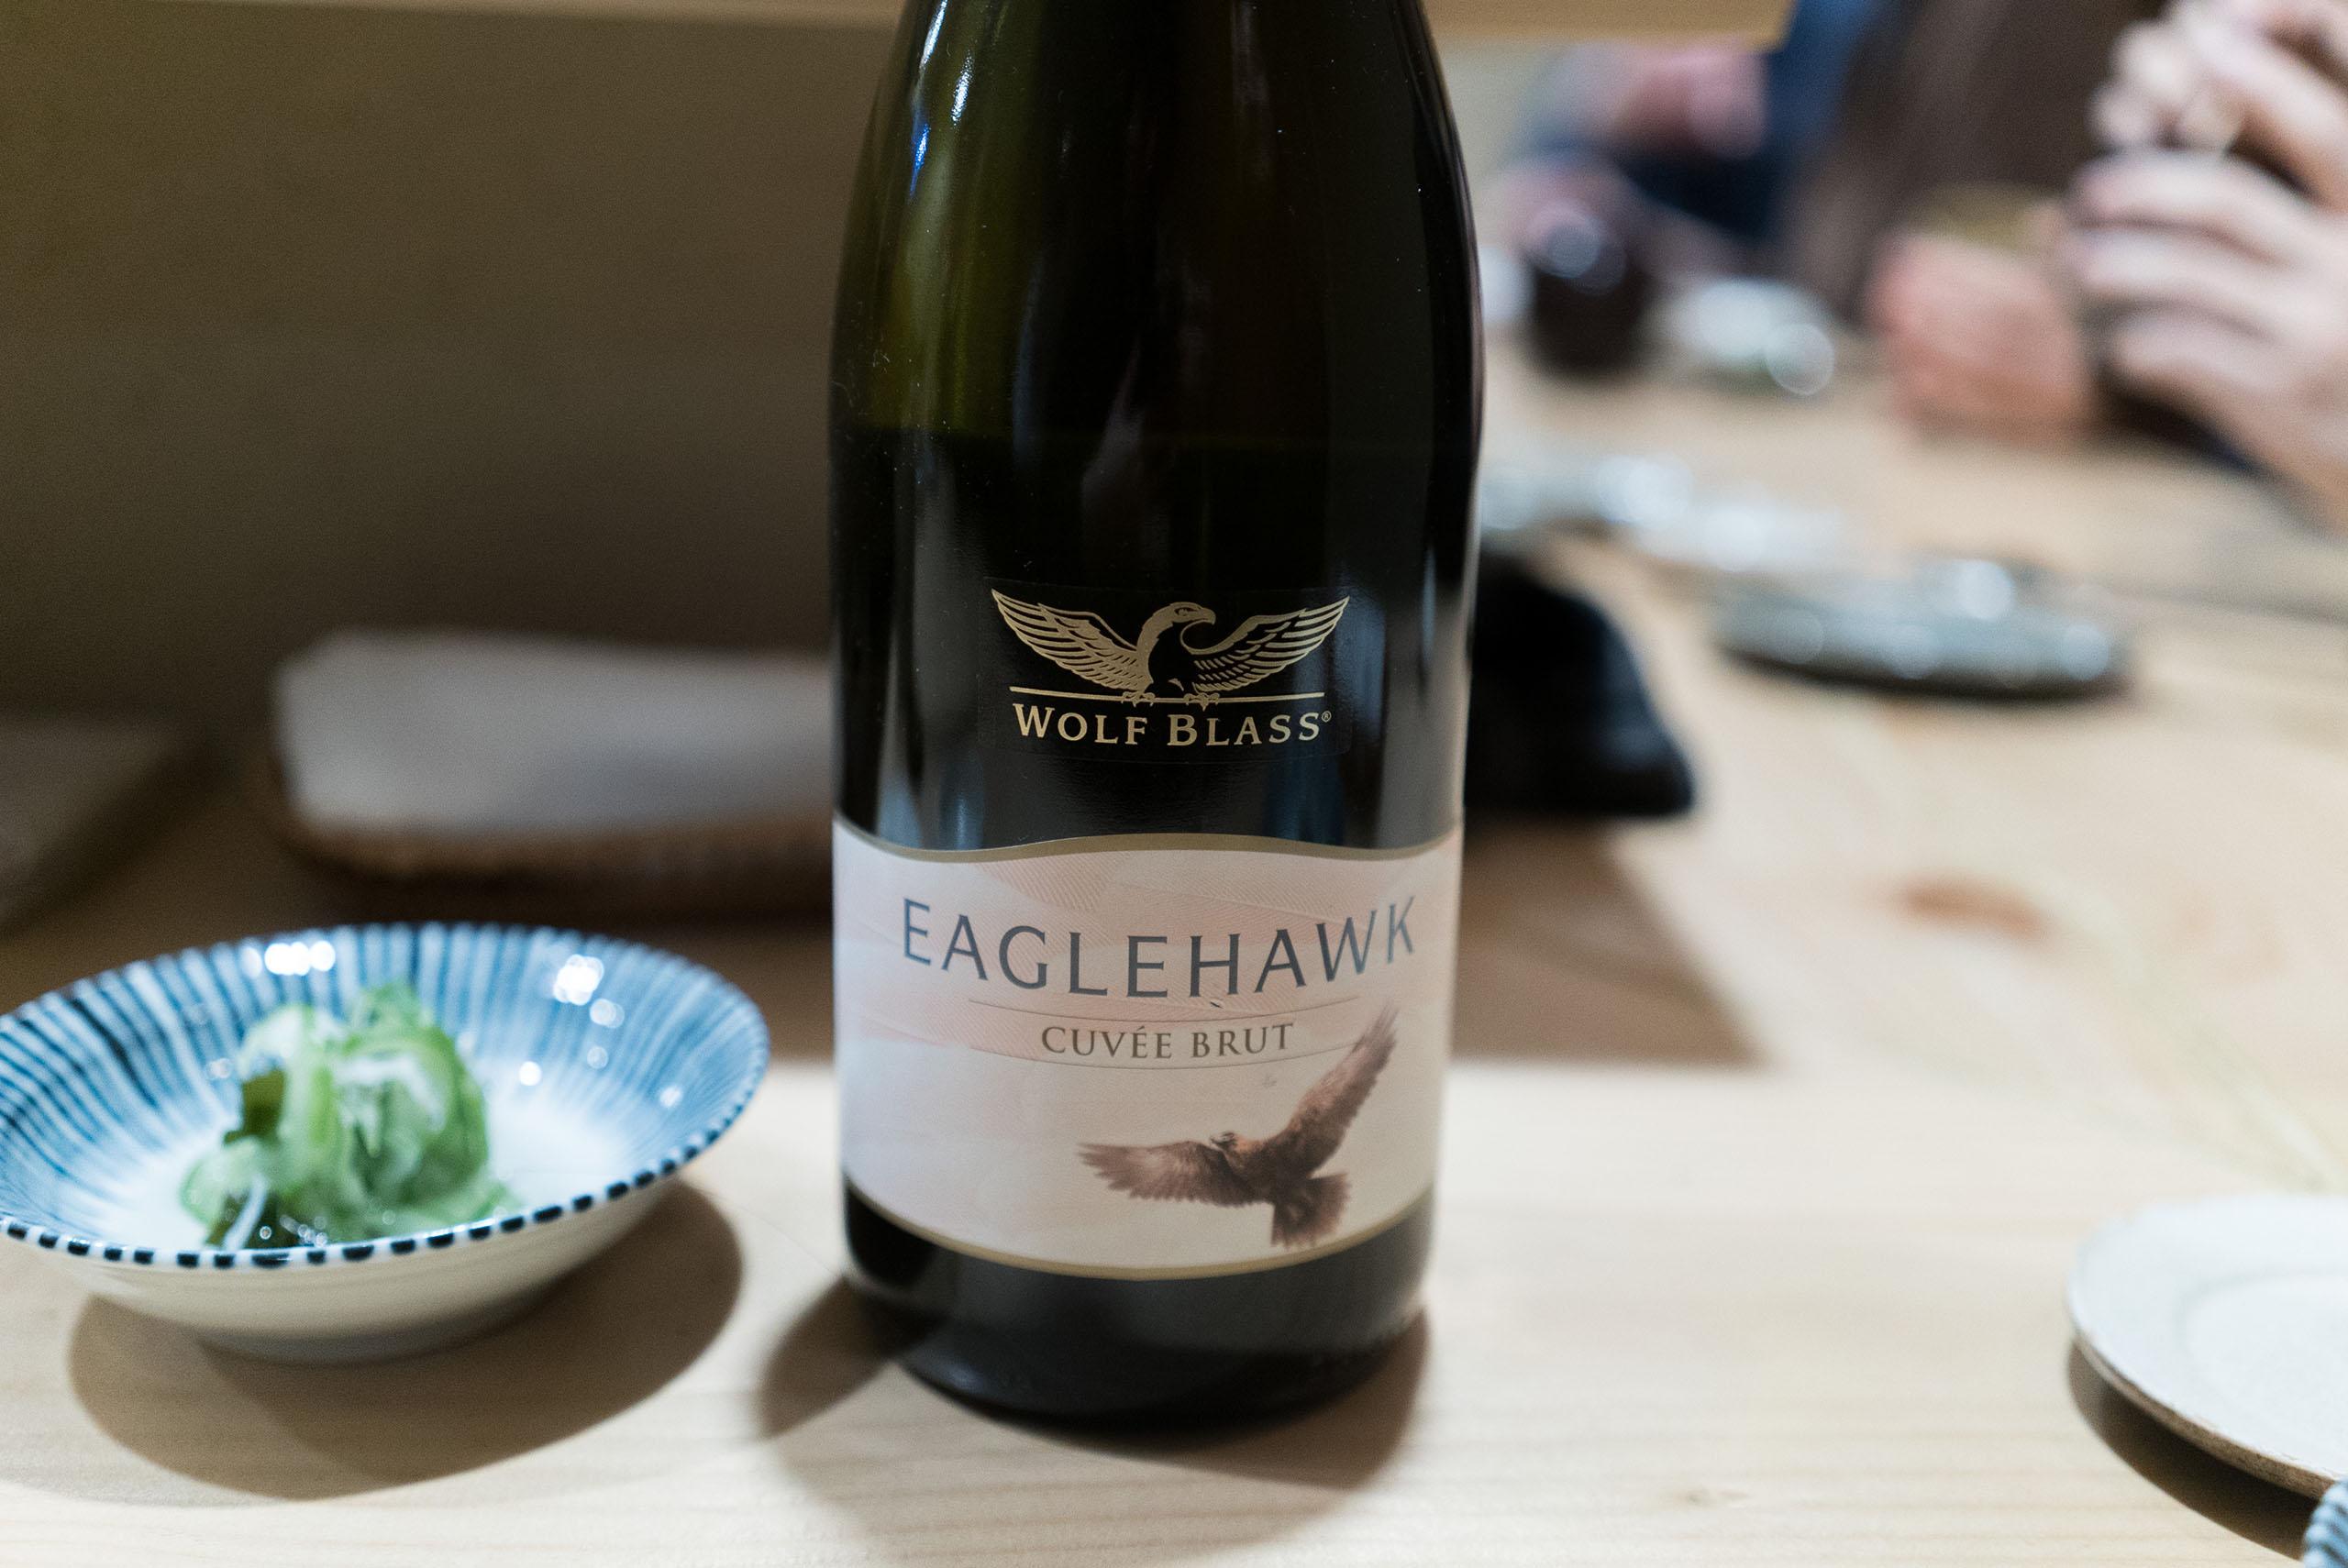 Wolf Blass Eaglehawk Cuvee Brut